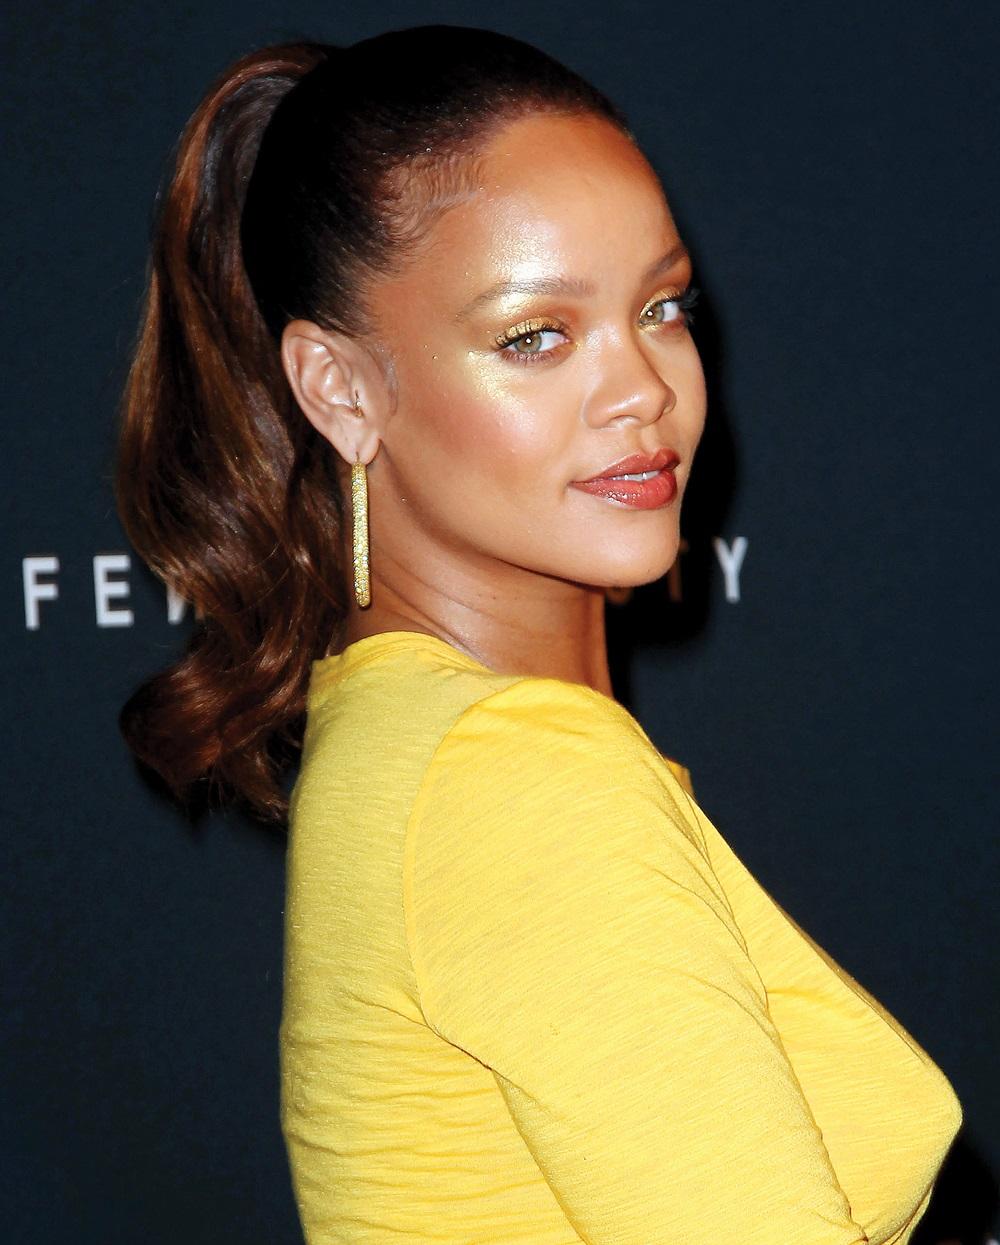 Rihanna Celebrates FENTY BEAUTY BY RIHANNA, New York, USA - 07 Sep 2017